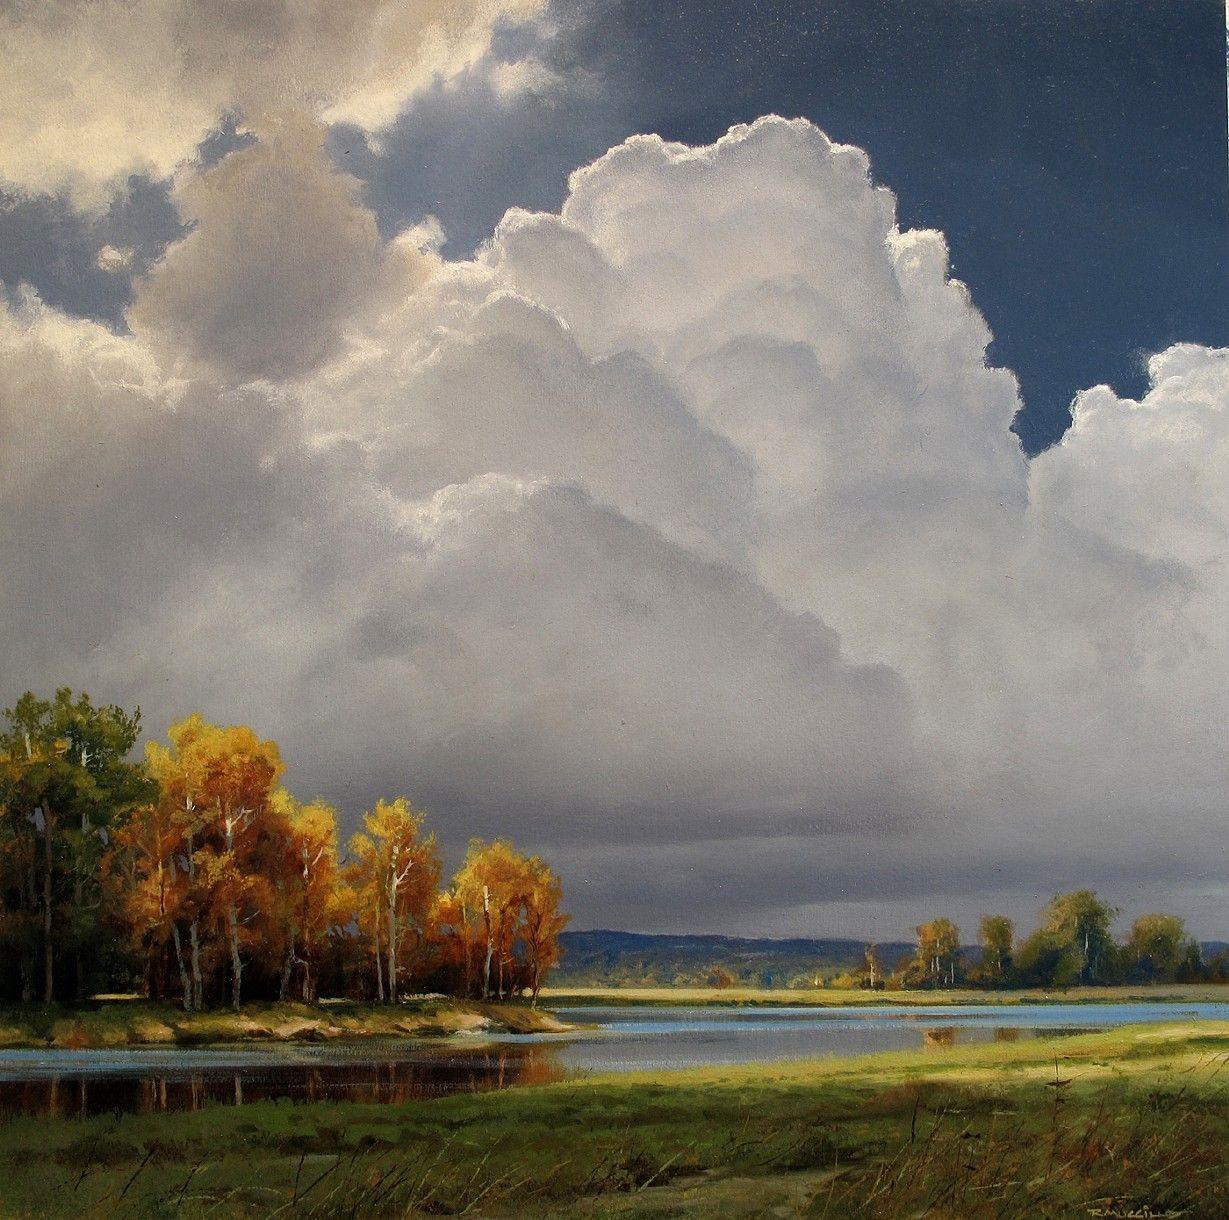 Rising Thunderhead - by Renato Muccillo -